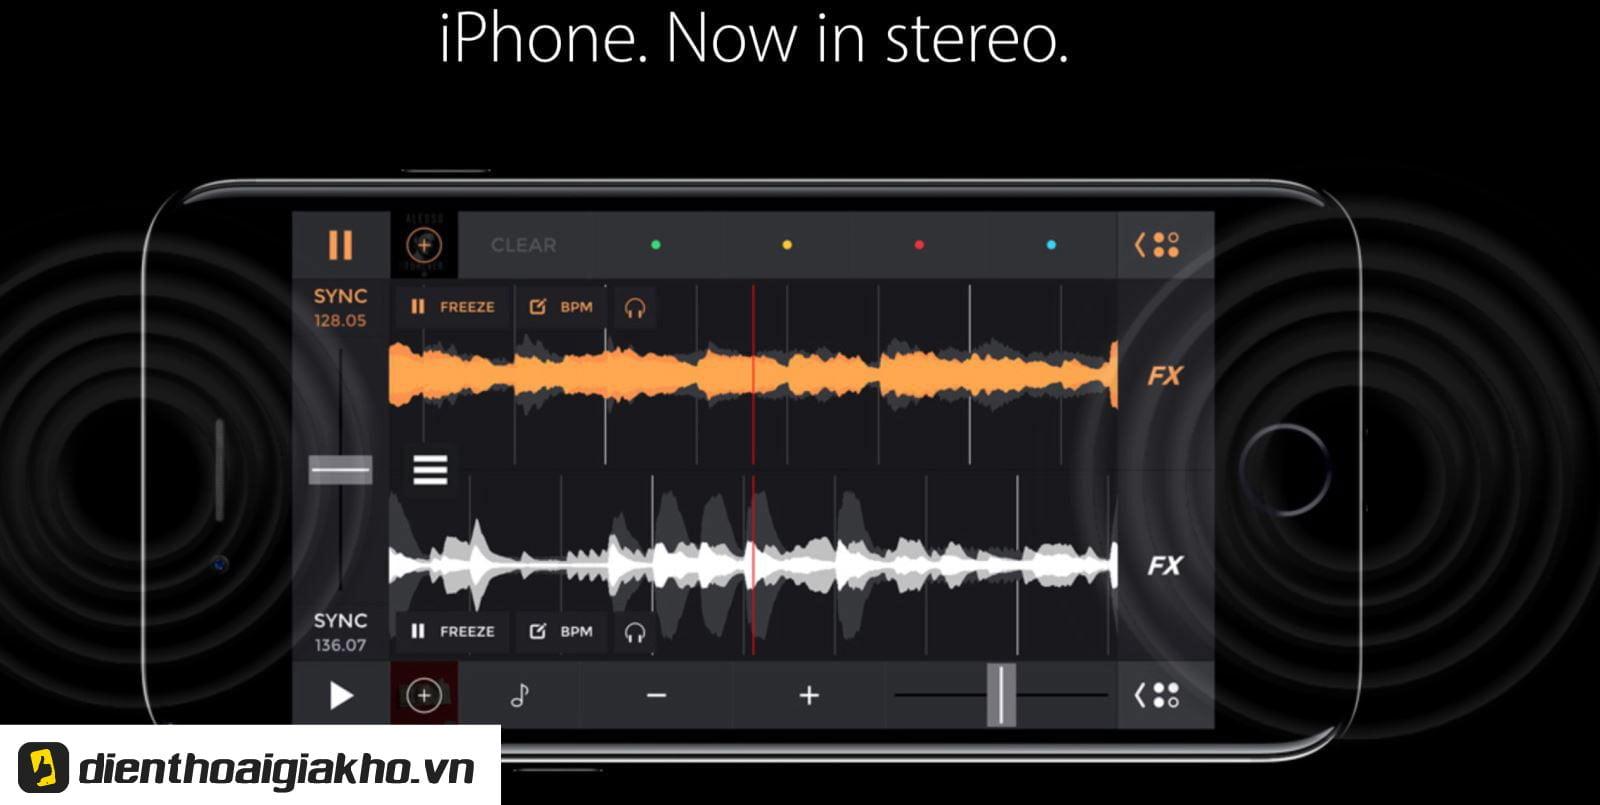 Loa Stereo trên iPhone 8 mang đến trải nghiệm tốt hơn khi so với Samsung Galaxy Note 8 và LG V30